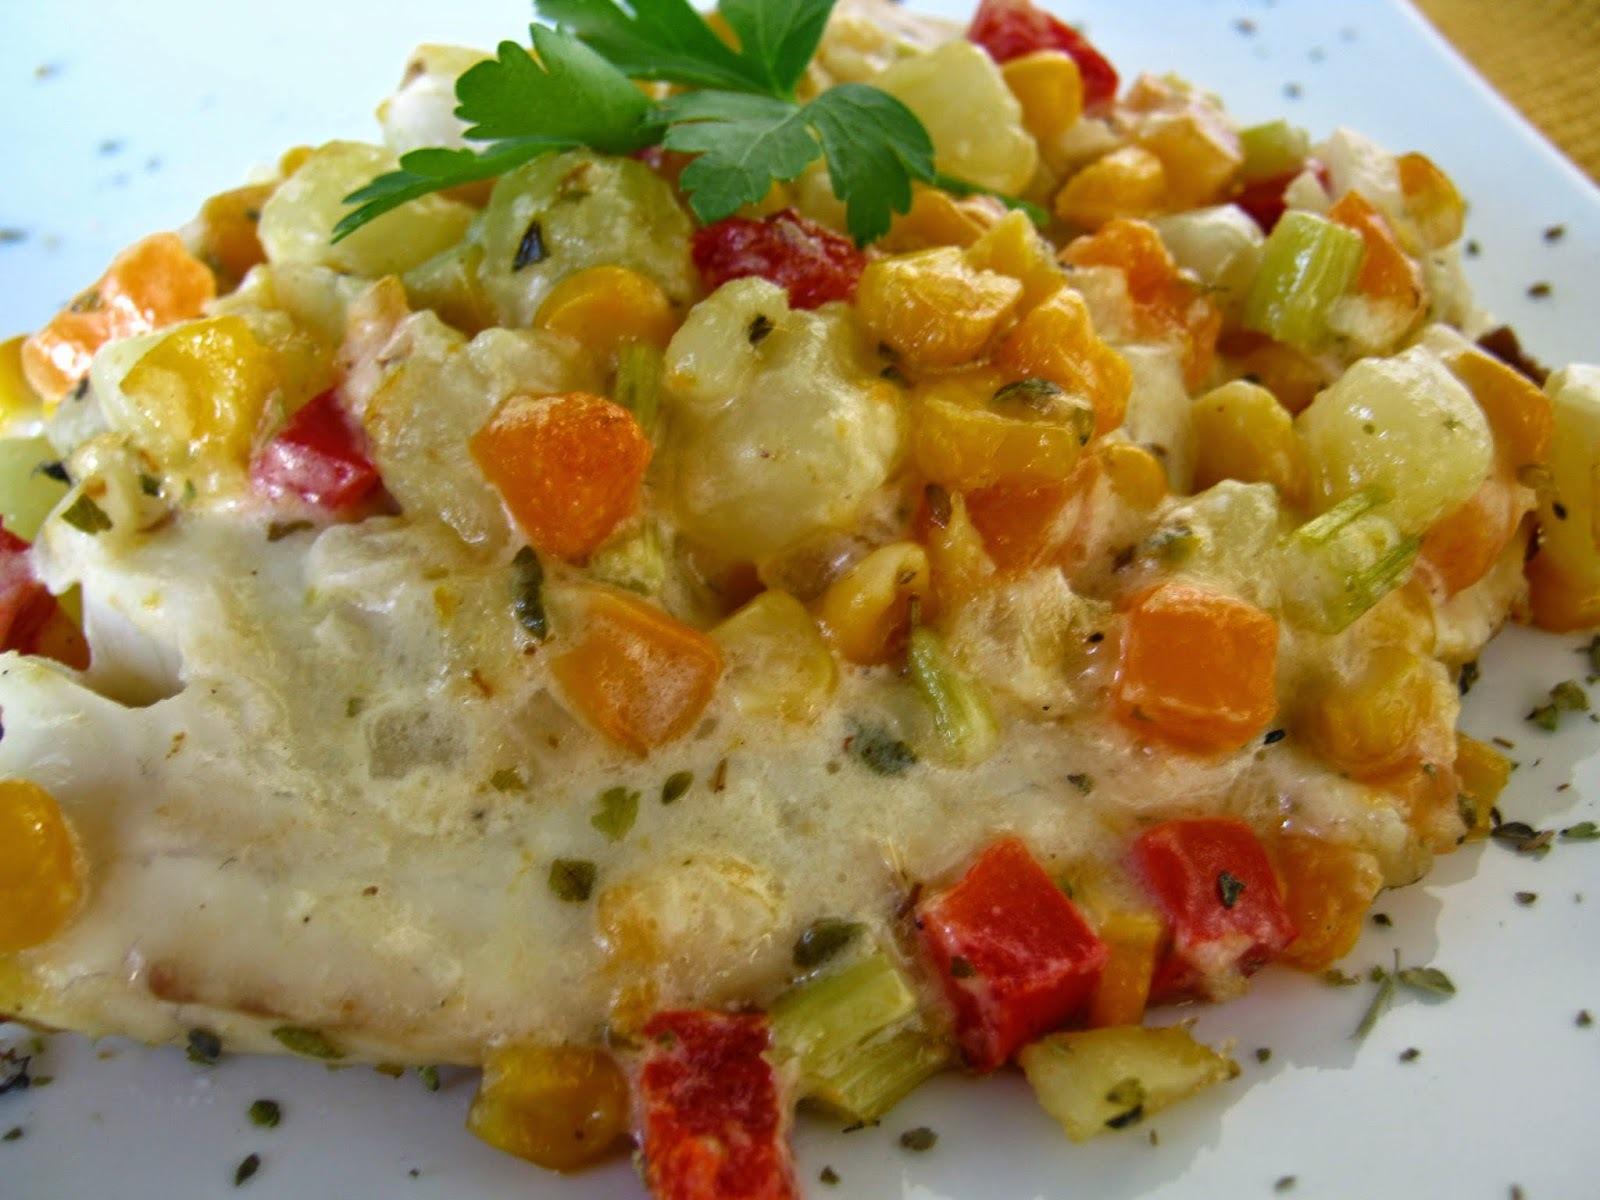 Tilápia ao forno com maionese e legumes